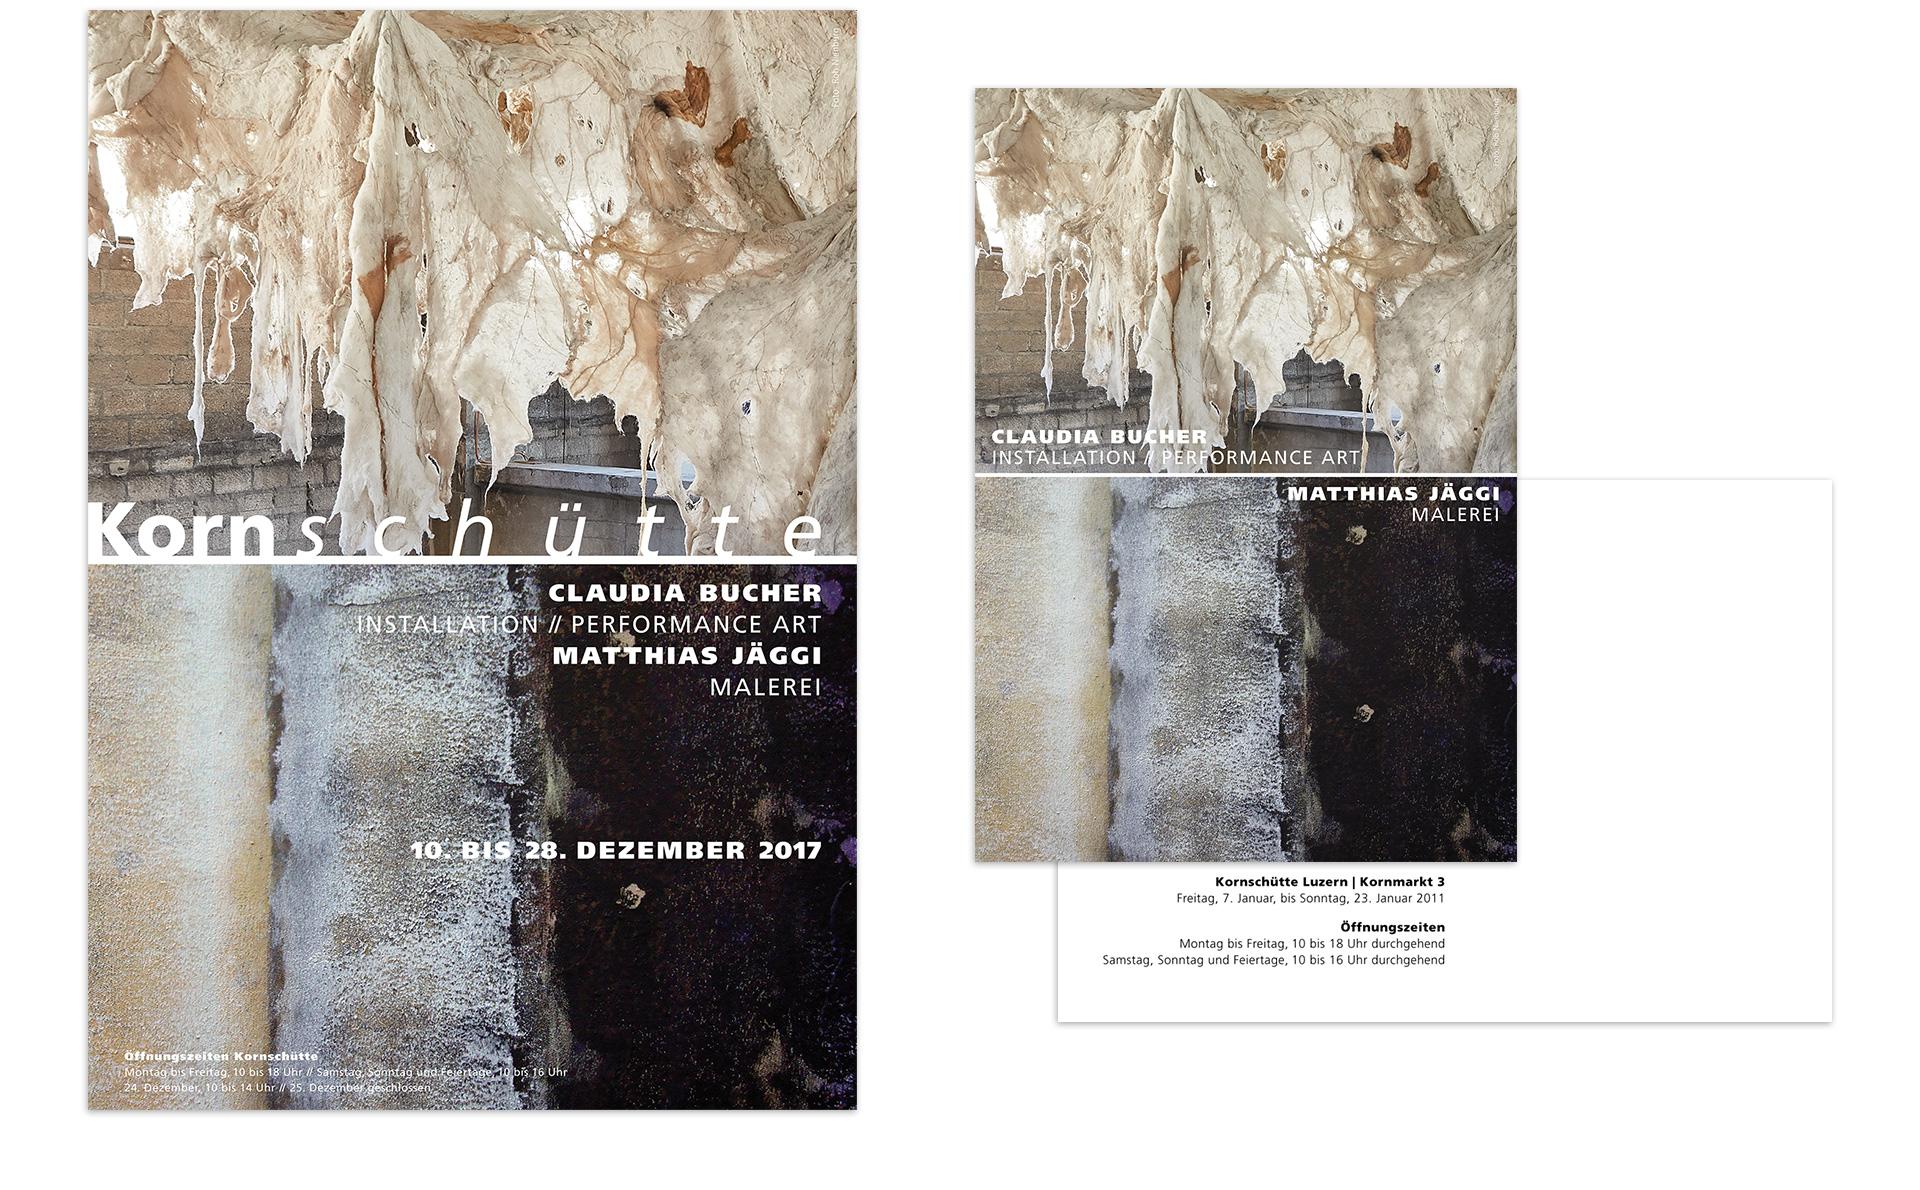 Plakat und Einladungskarte